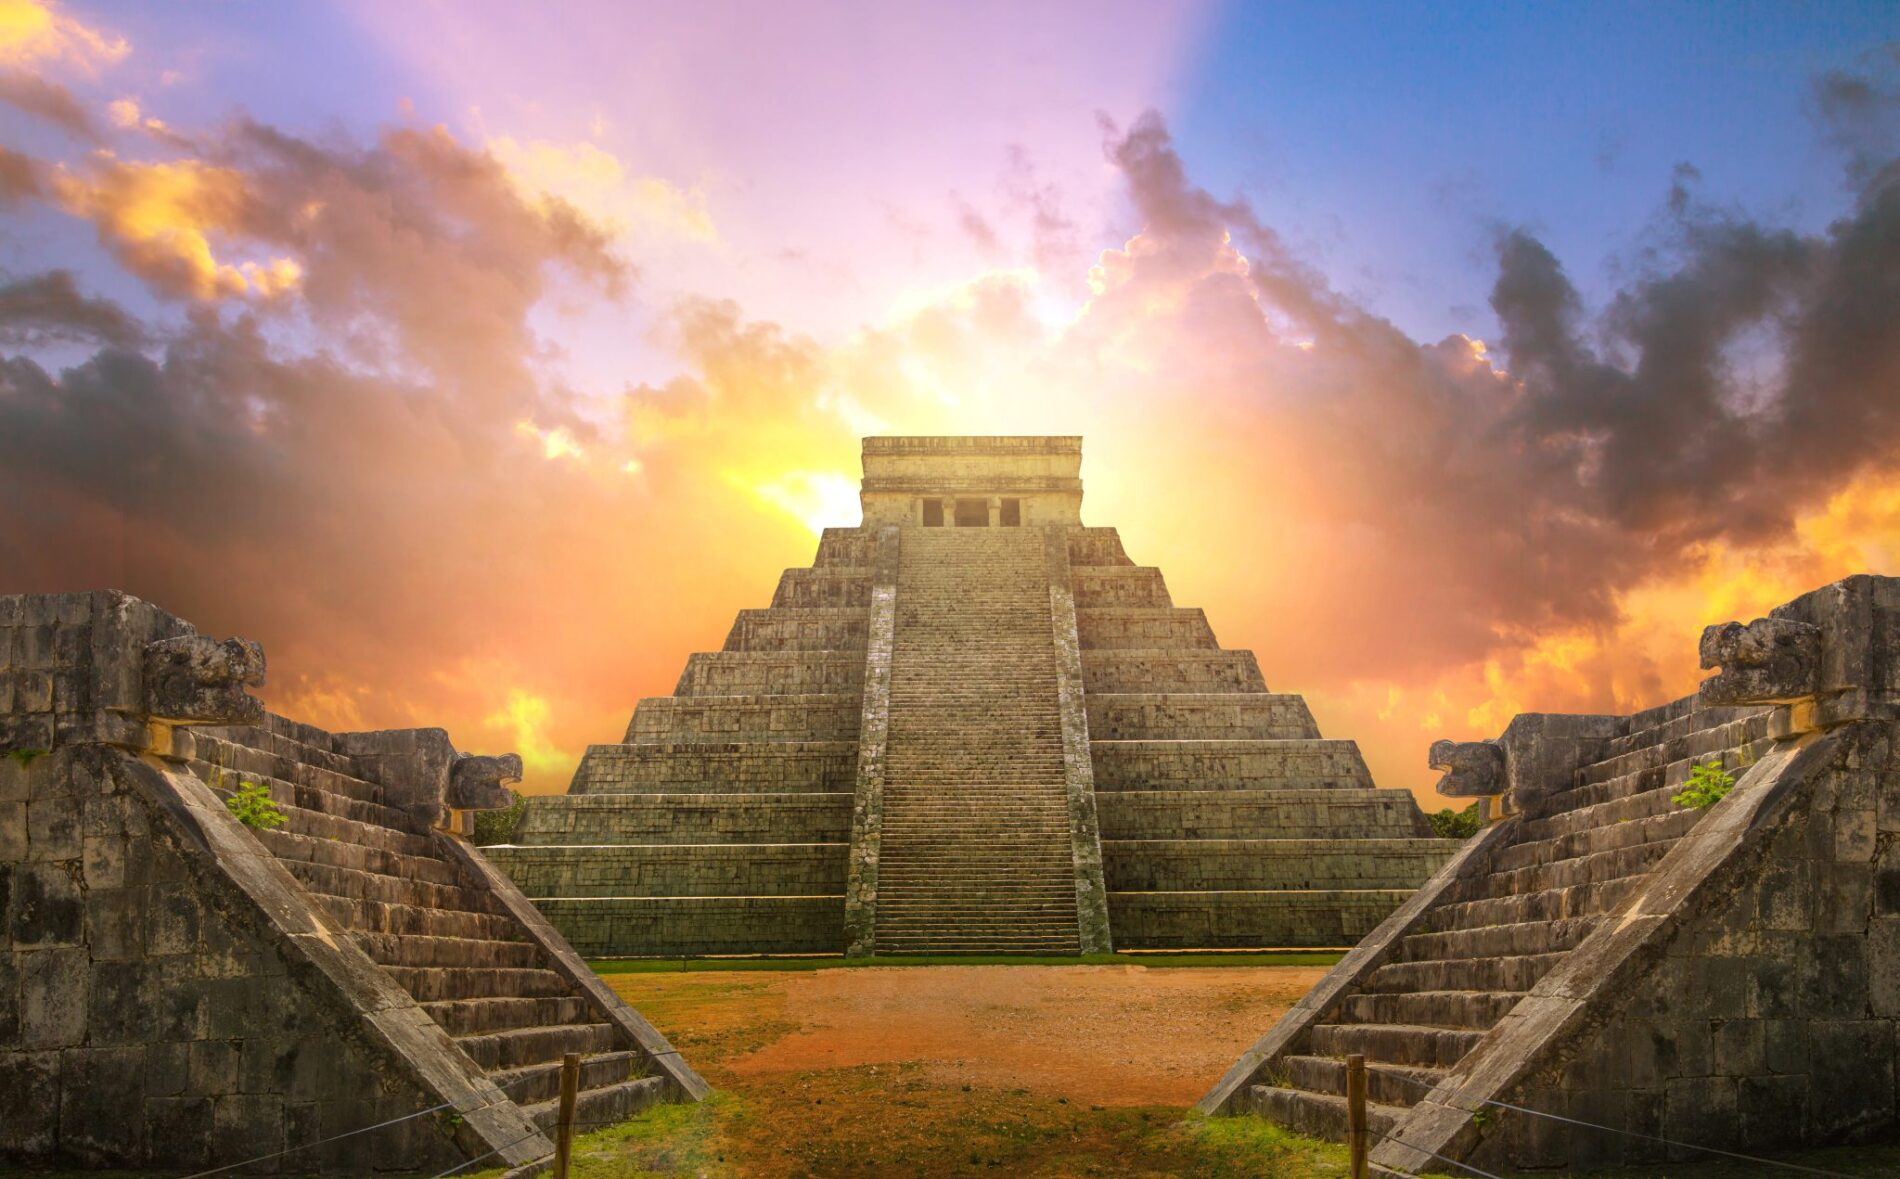 Mayan Pyramids Of Mexico